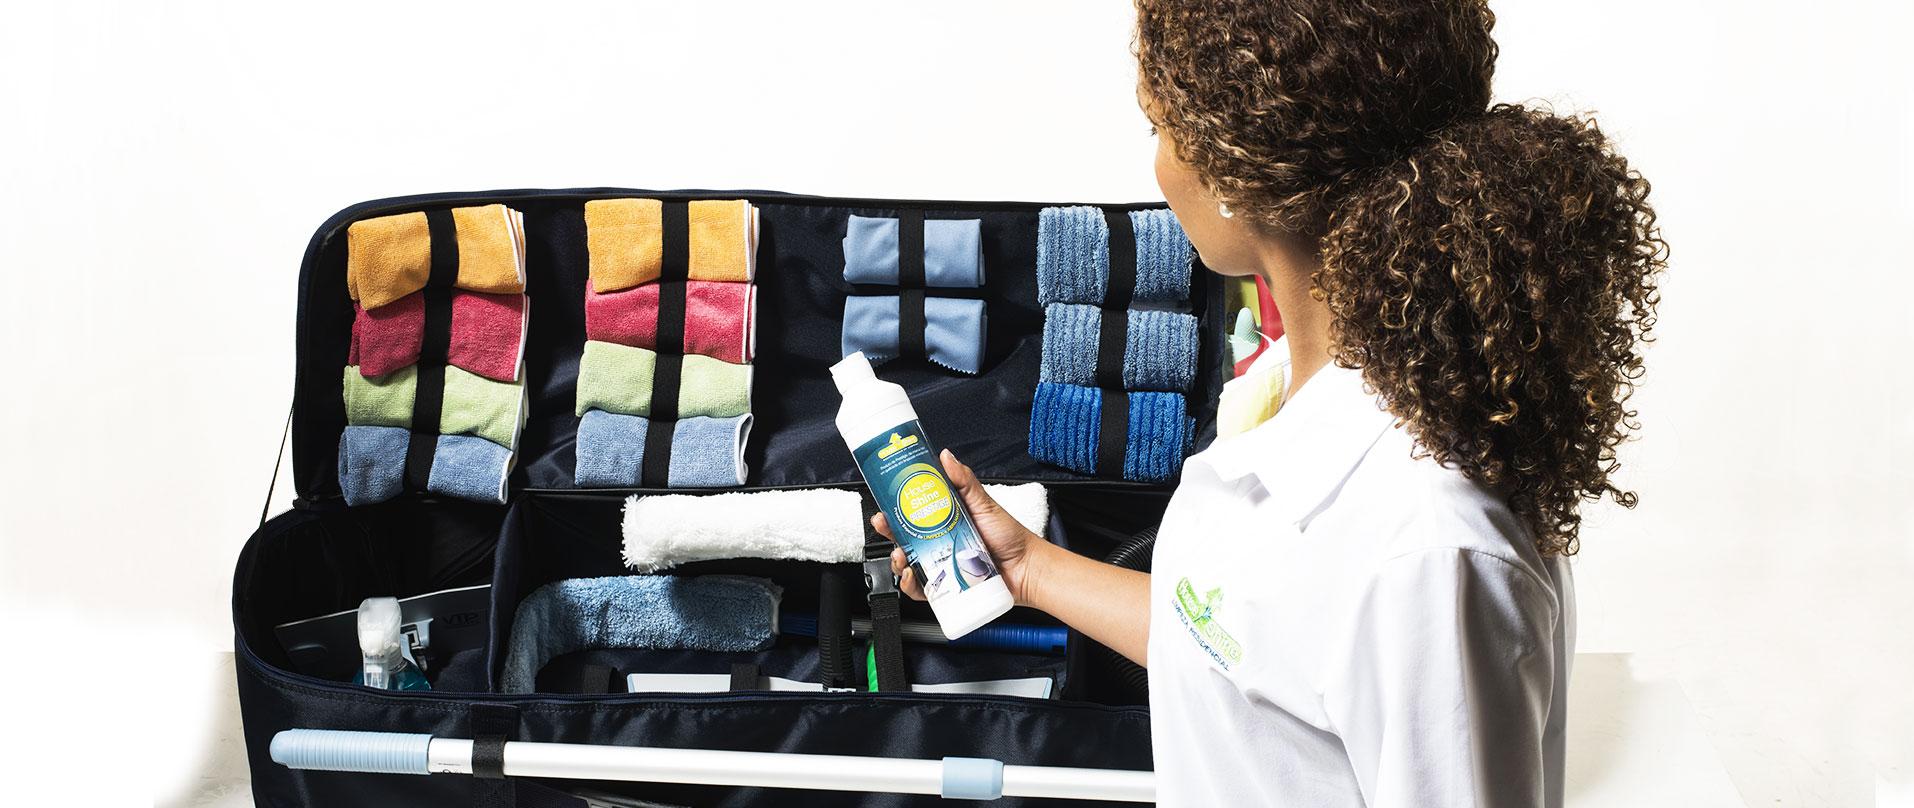 House Shine, Serviços Limpezas Domésticas, Limpeza Ecológica